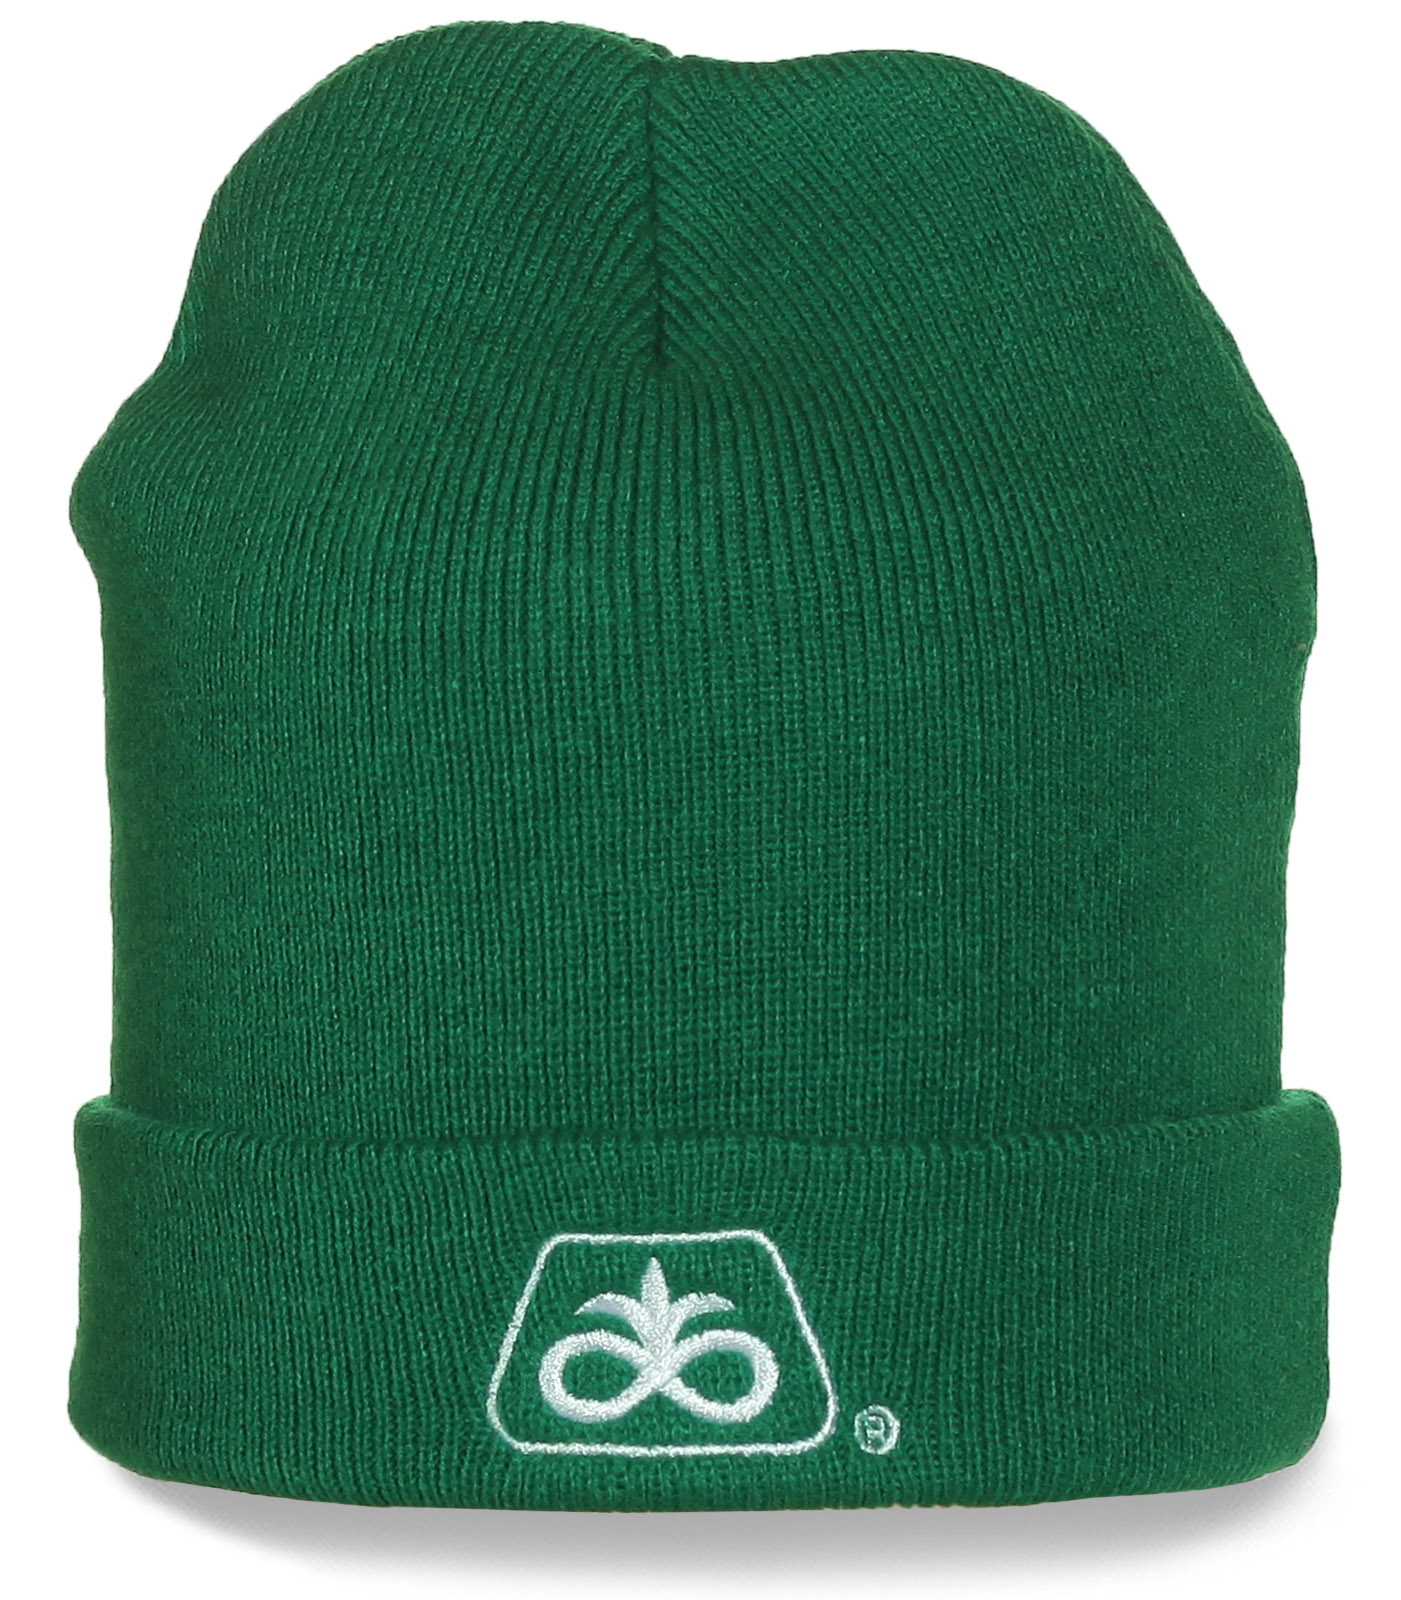 Брендовая шапка DuPont Pioneer для ценителей удобства и качества